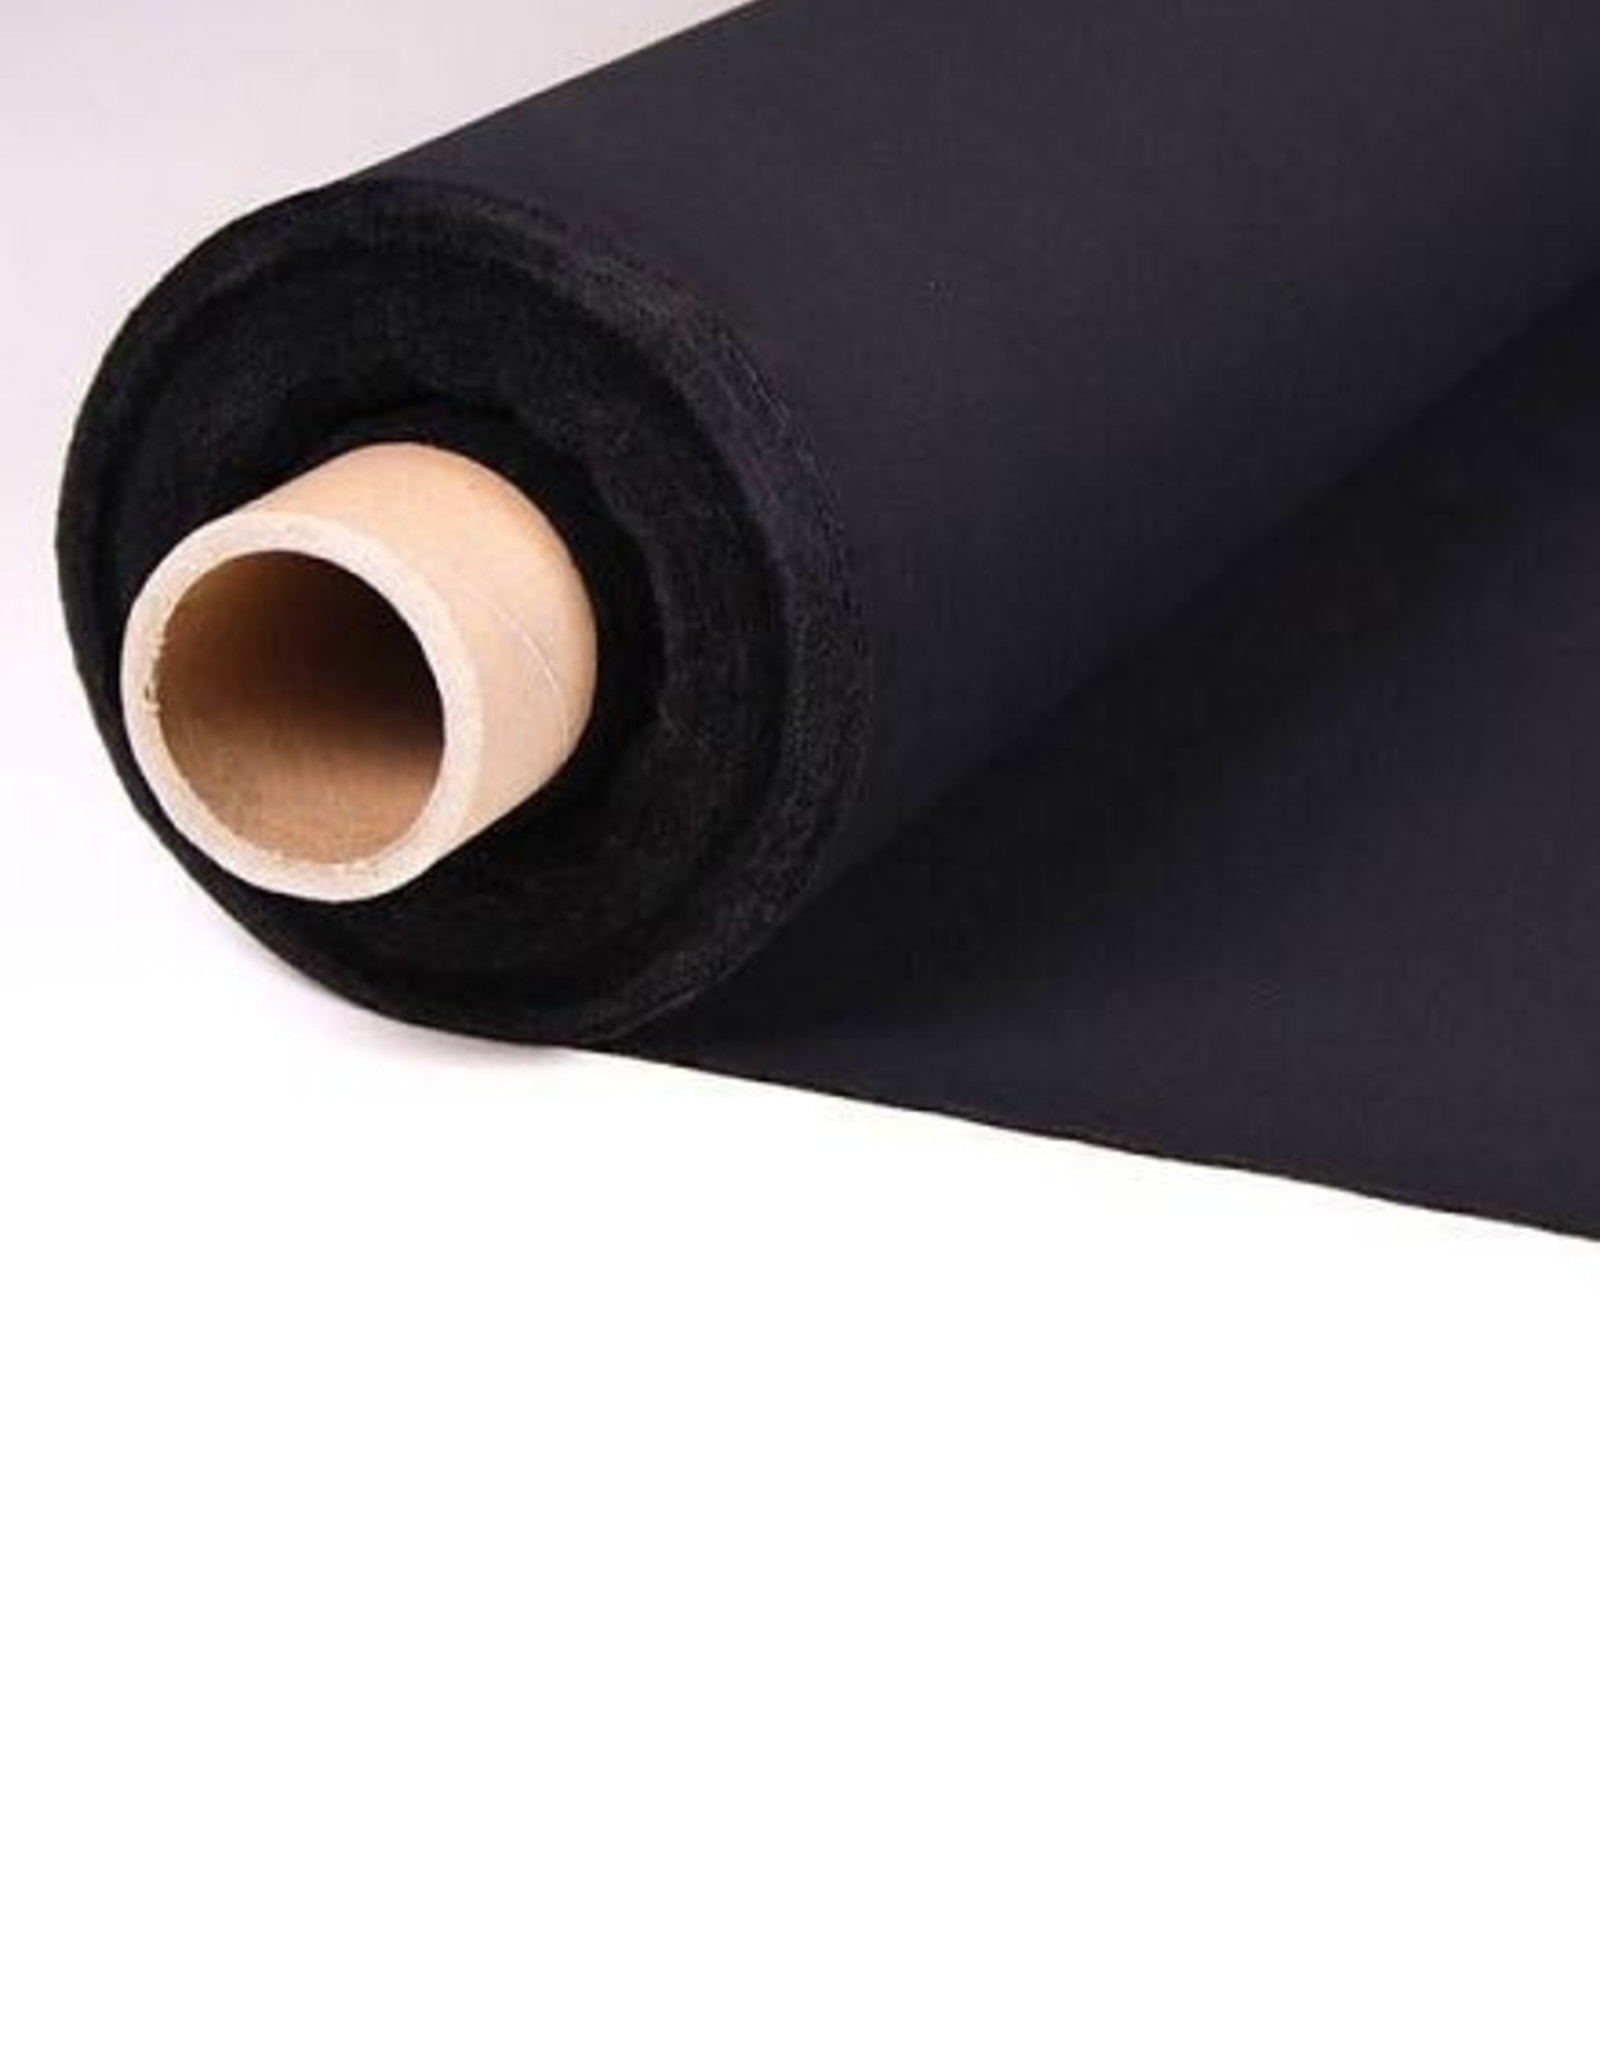 Plakvlies voorverpakt - 1m - Zwart